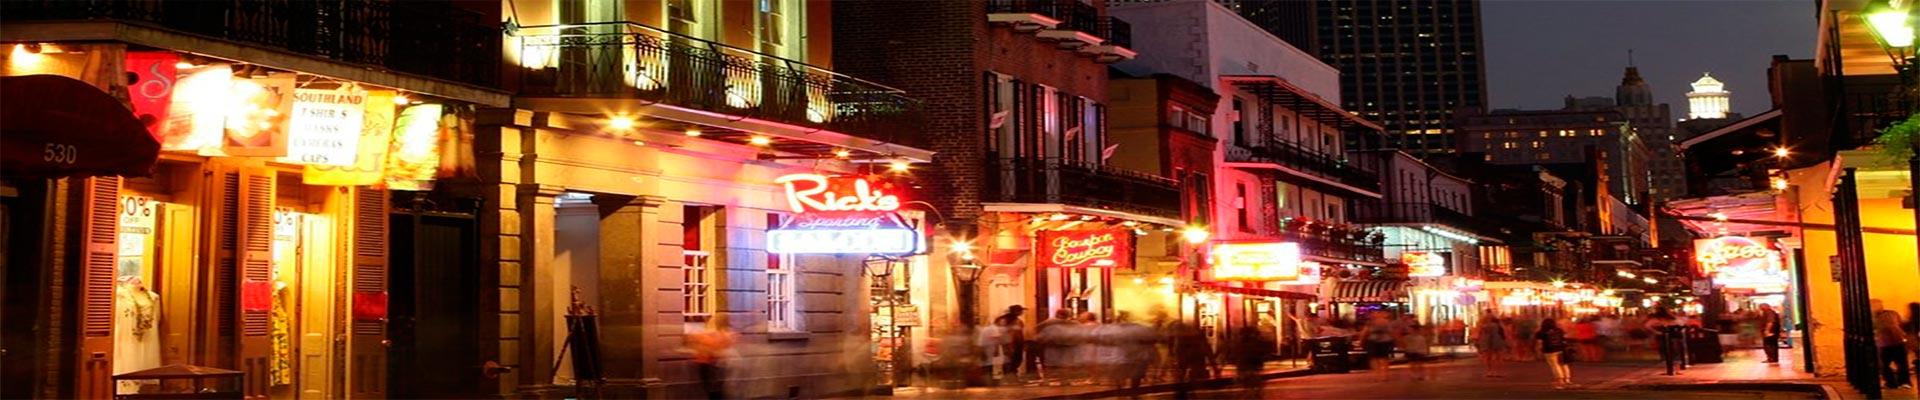 Rota da Música de Chicago a New Orleans